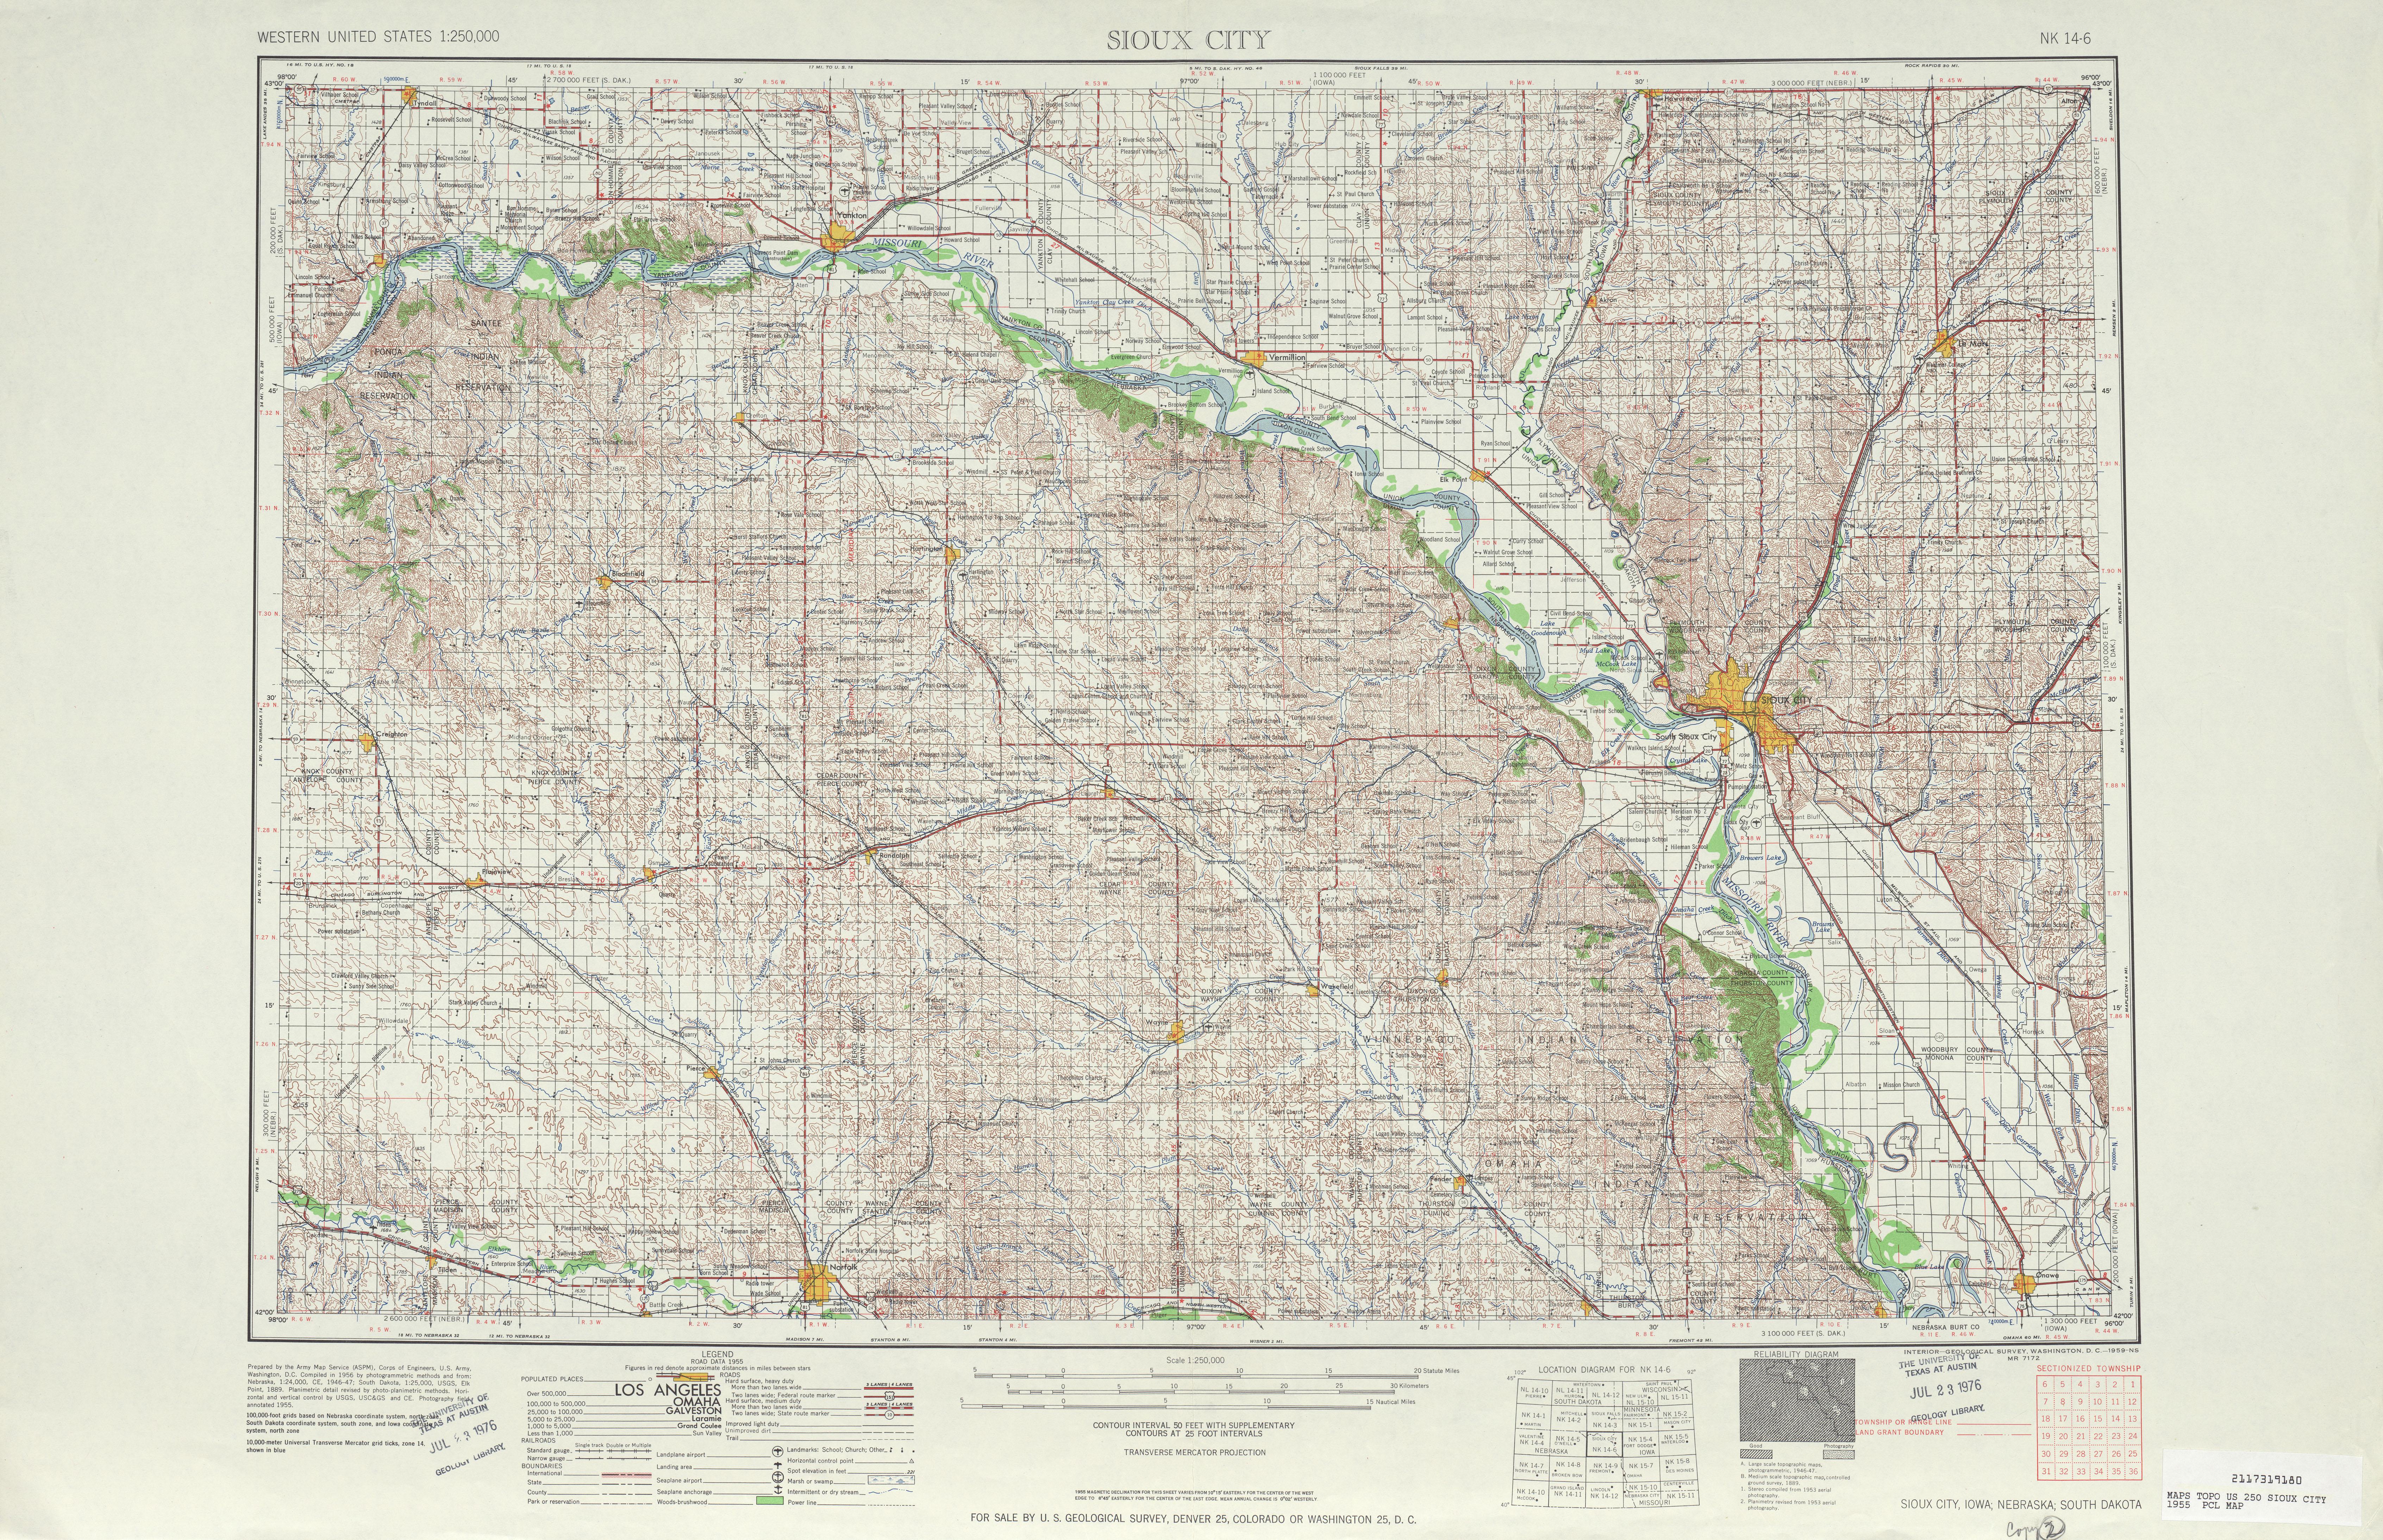 Hoja Sioux City del Mapa Topográfico de los Estados Unidos 1955